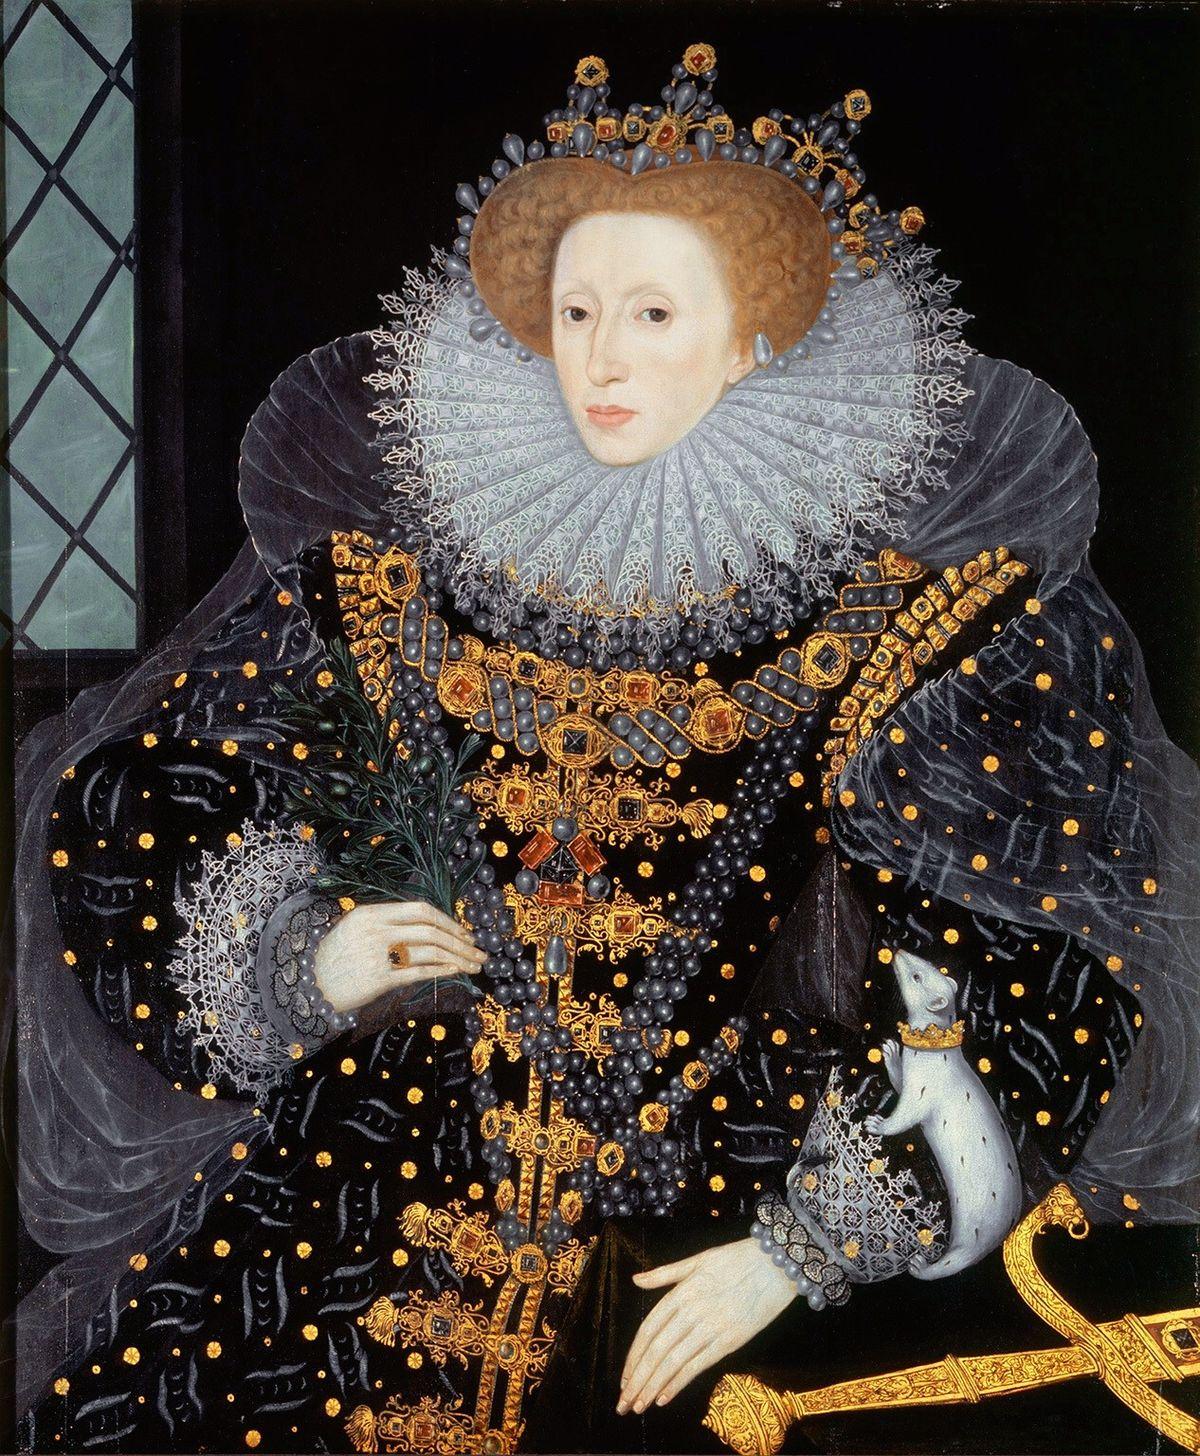 Comportement D Une Fille Vierge : comportement, fille, vierge, Élisabeth, (reine, D'Angleterre), Wikipédia